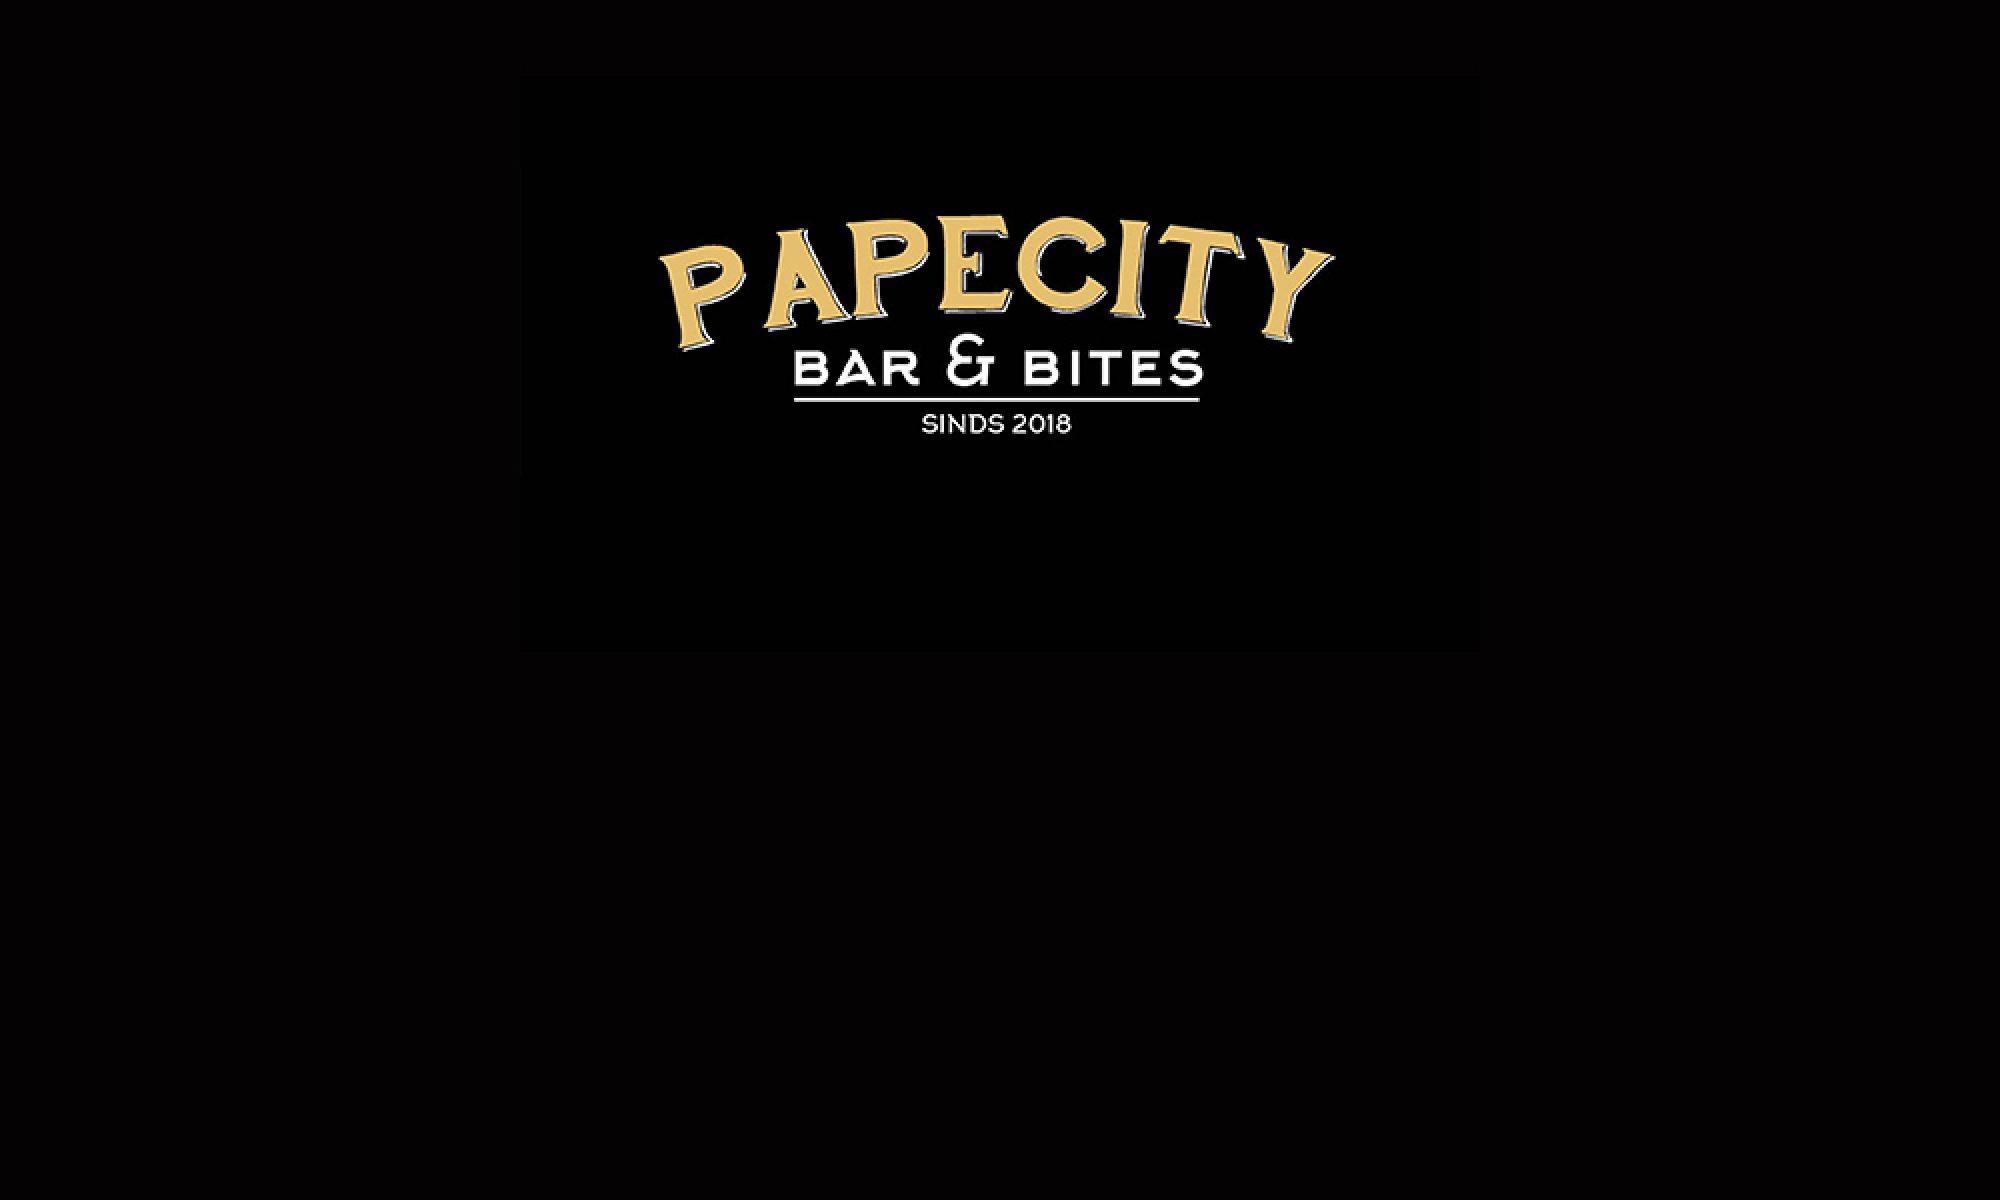 Papecity